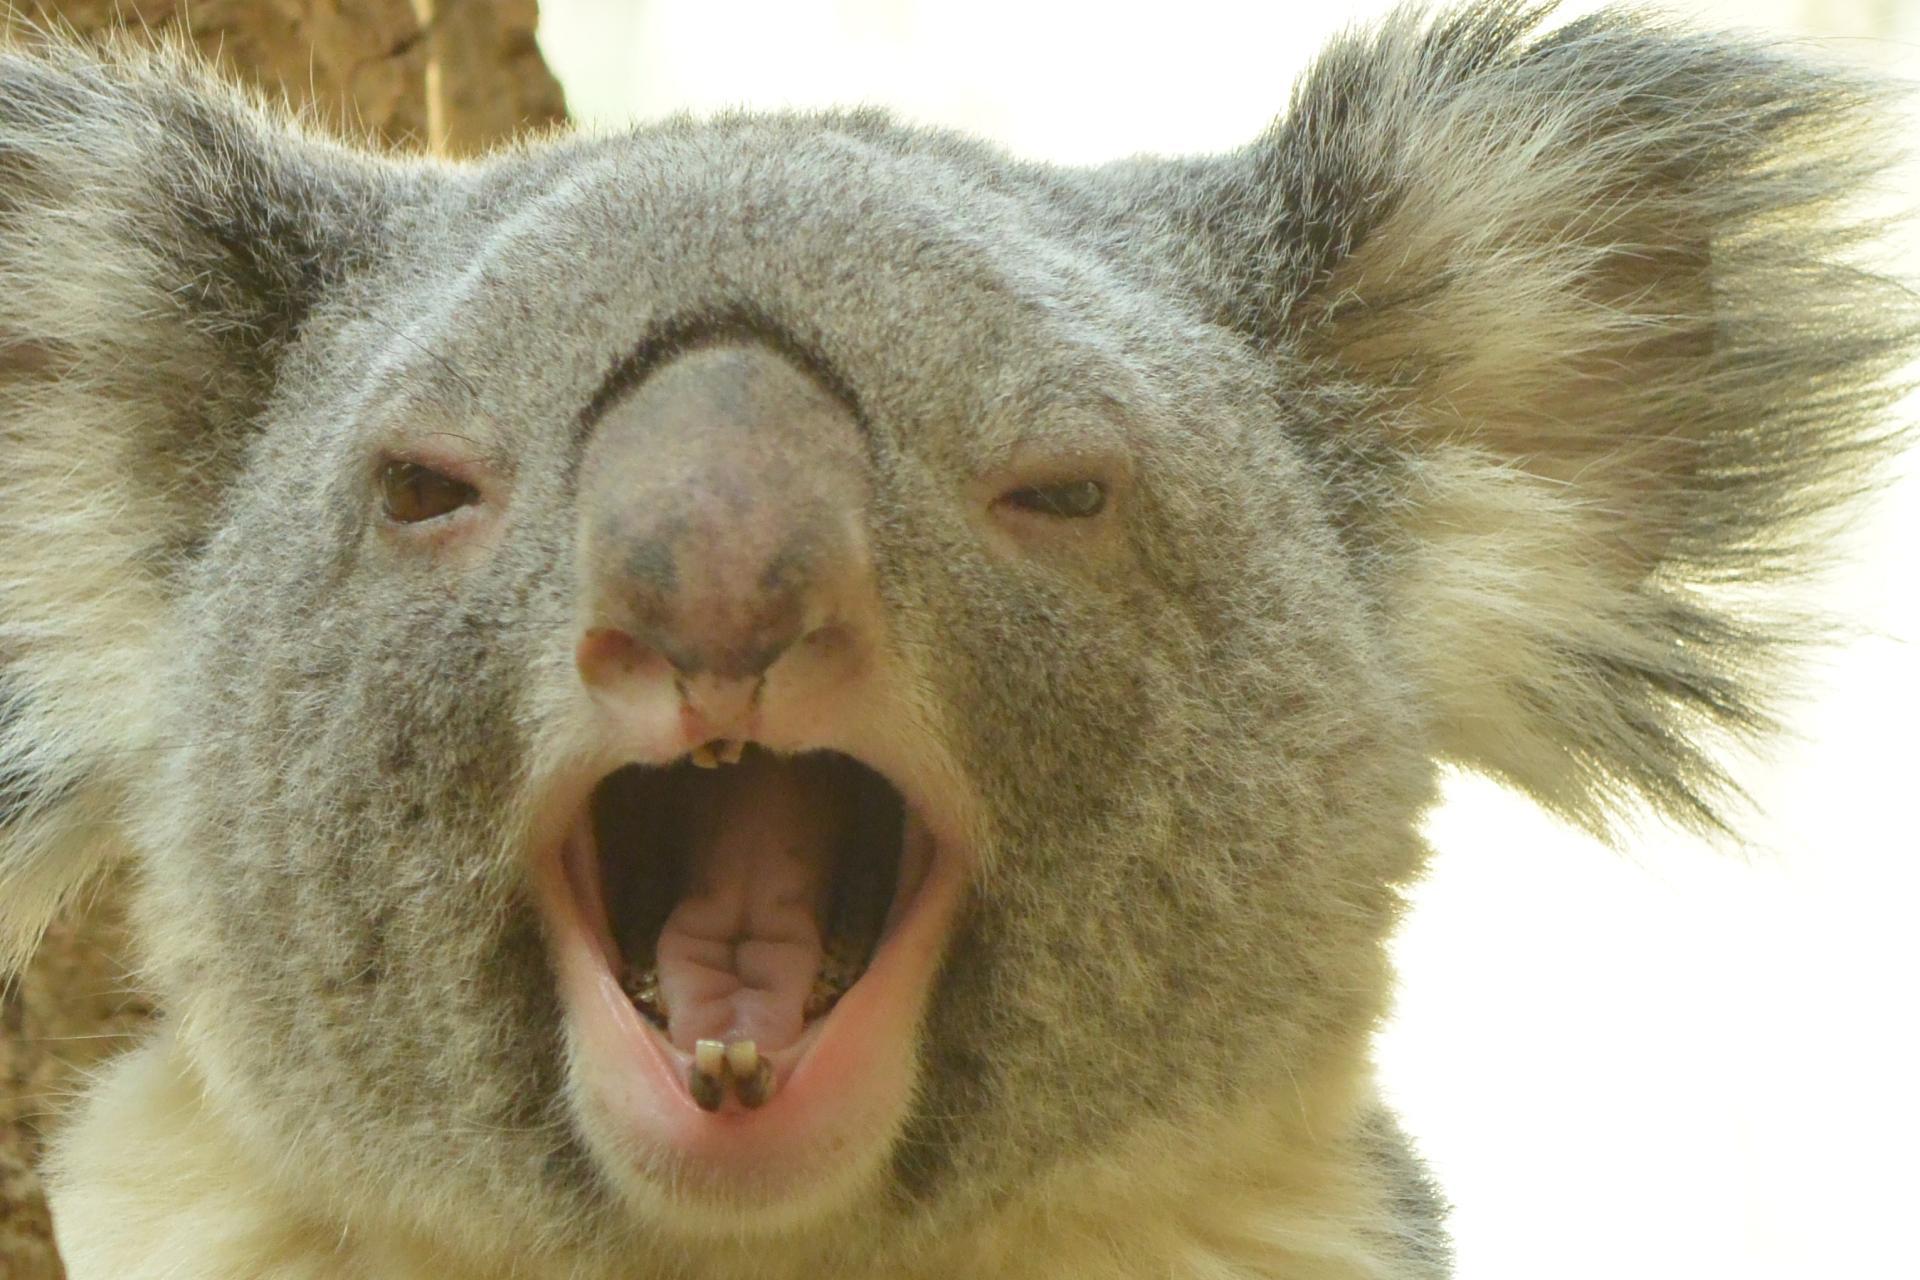 動物も歯磨きをしないと虫歯や歯周病になる?